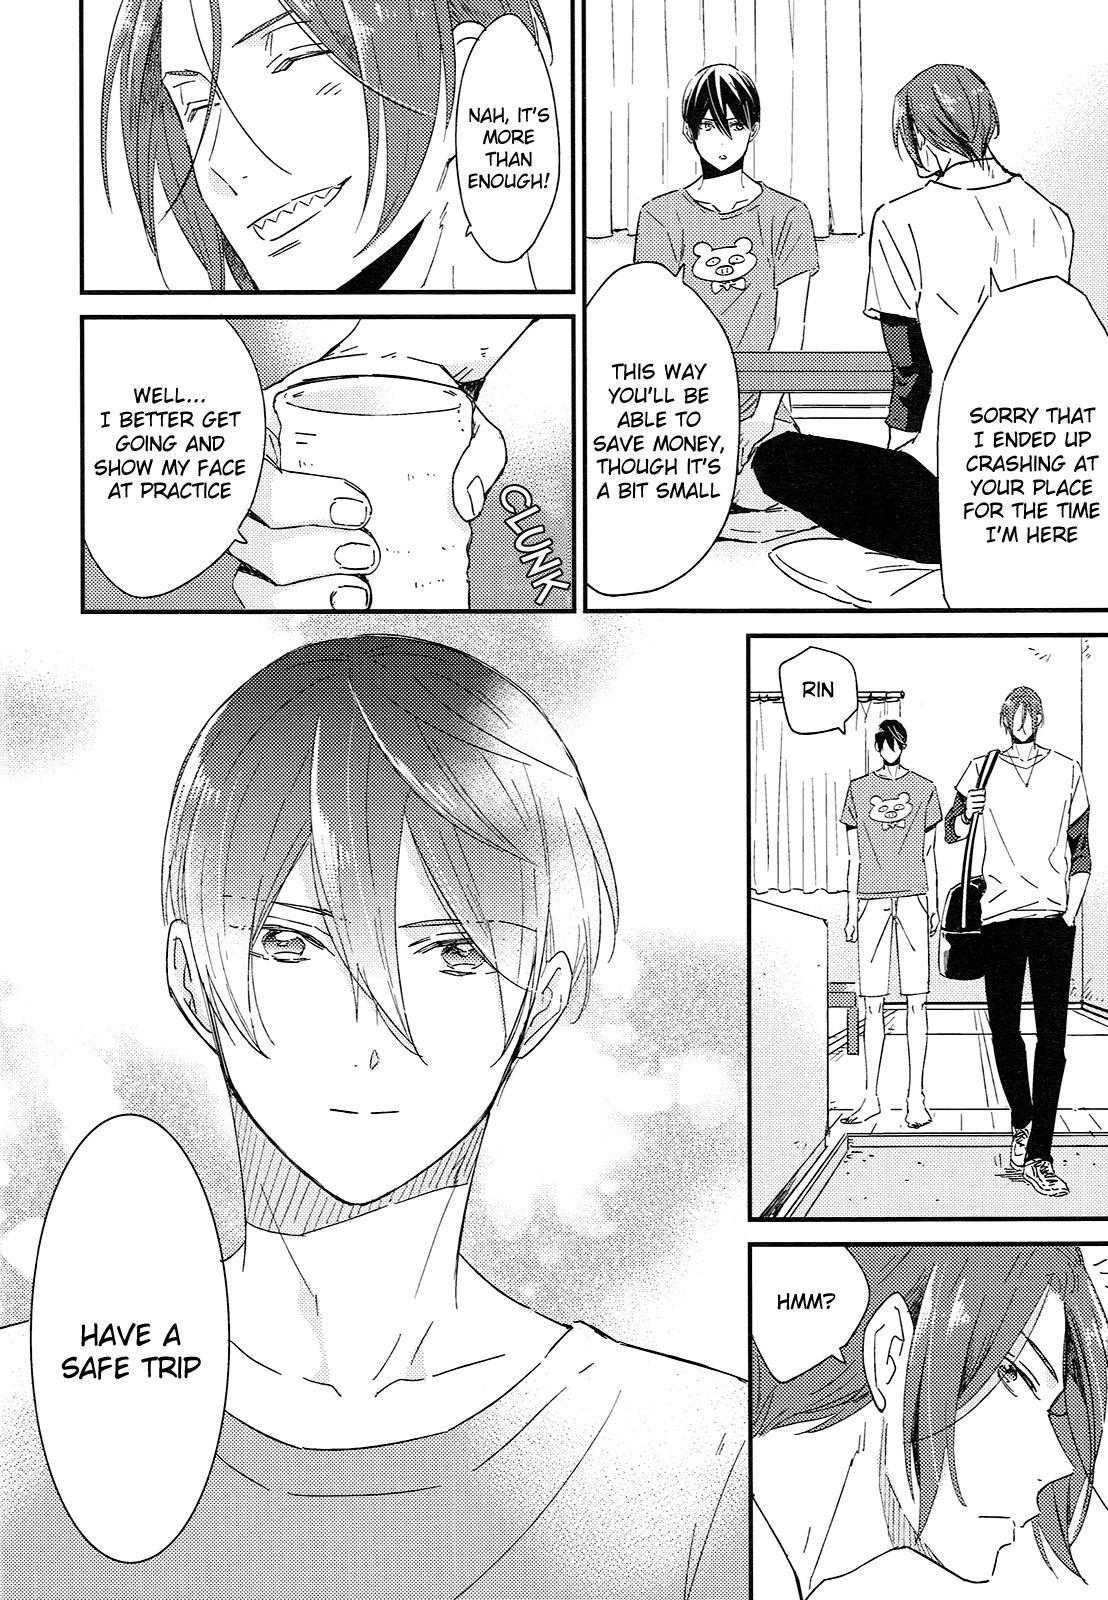 (SUPER24) [KANGAROO KICK (Takagi Takumi)] Matsuoka Rin no Shinkon Seikatsu (Kari)   Matsuoka Rin's Newly-Wed Life (Provisional) (Free!) [English] [Holy Mackerel] 4